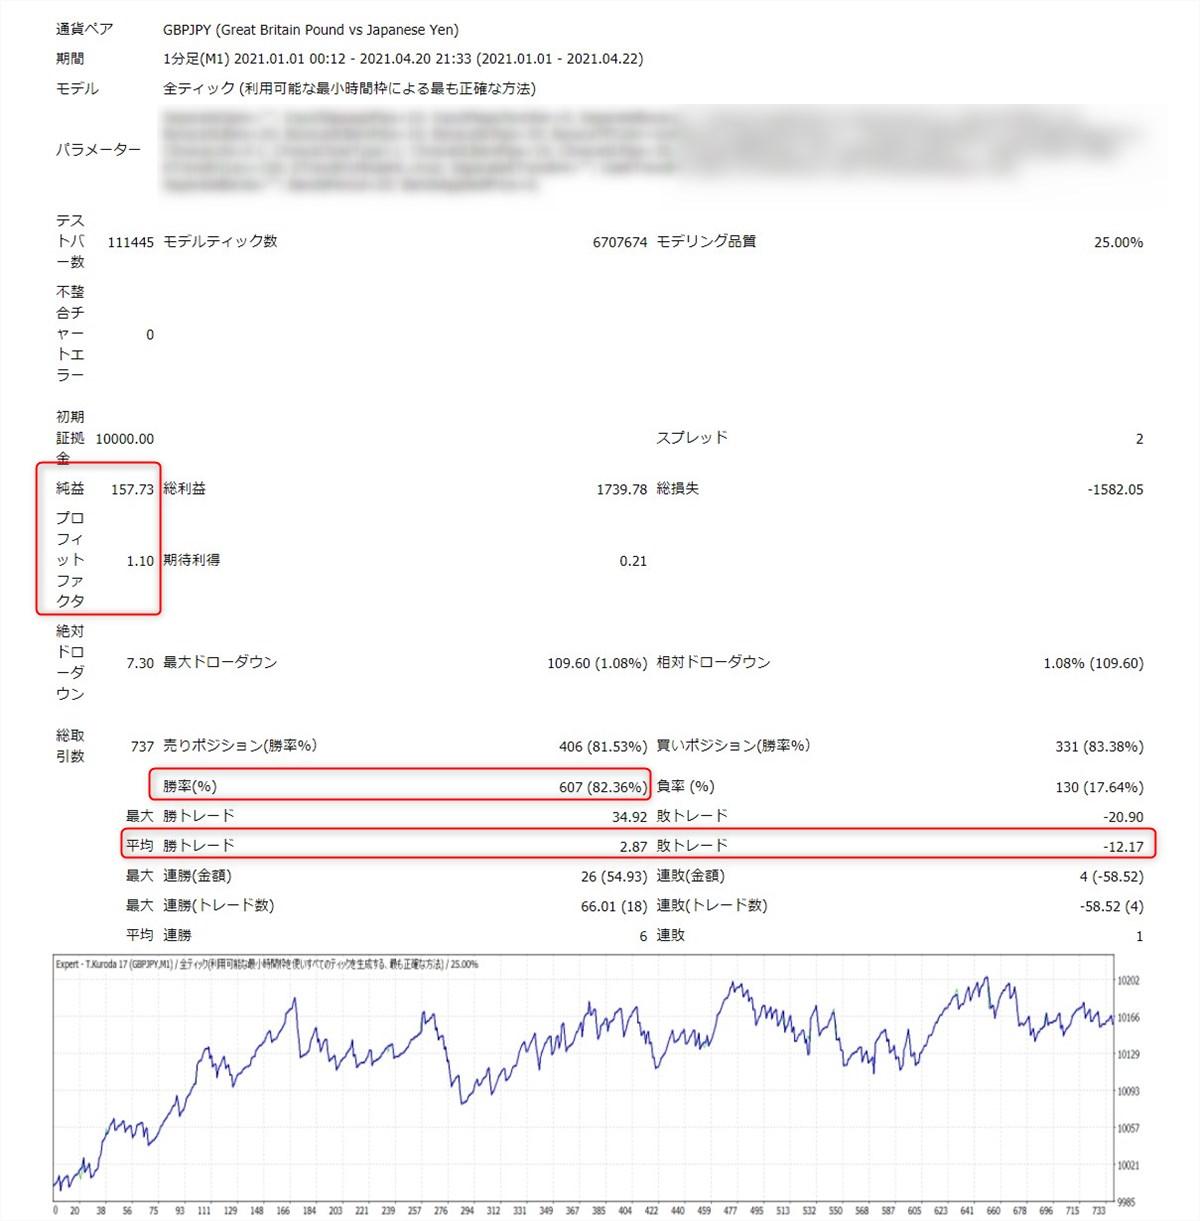 超秒速スキャルEA:GBPJPY(1分足)バックテスト結果